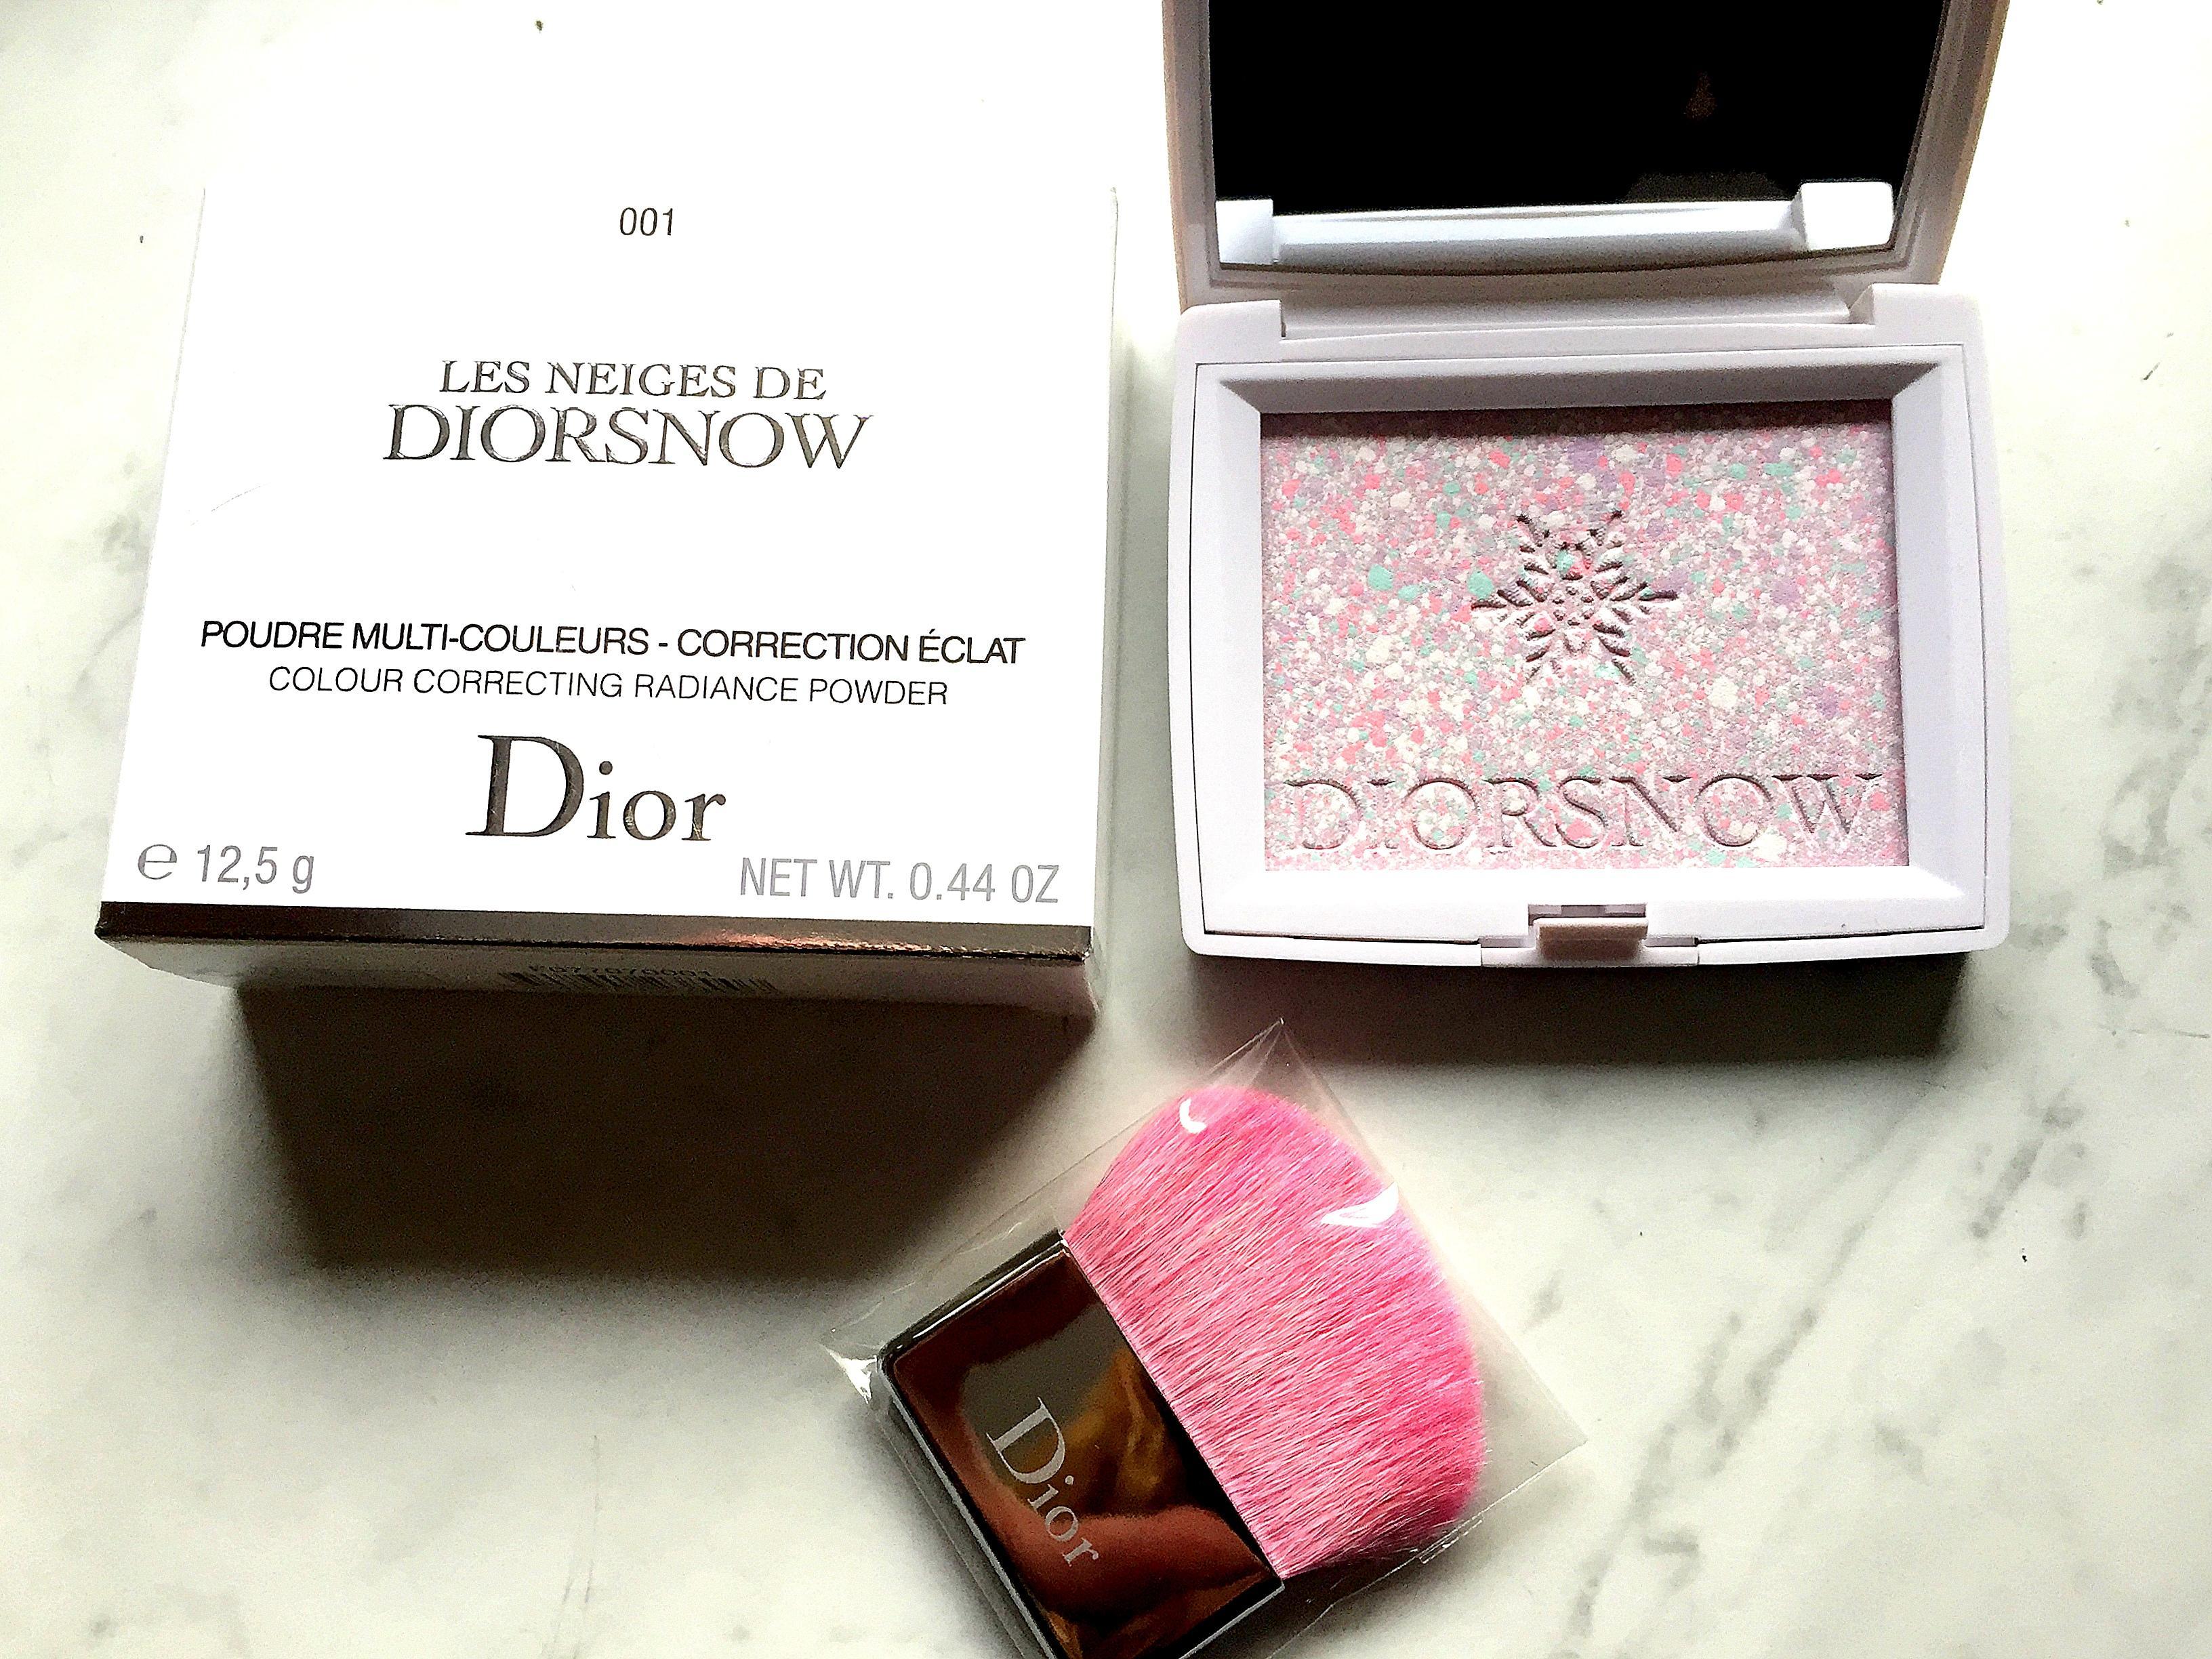 Dior Les Neiges de Diorsnow Rainbow Powder